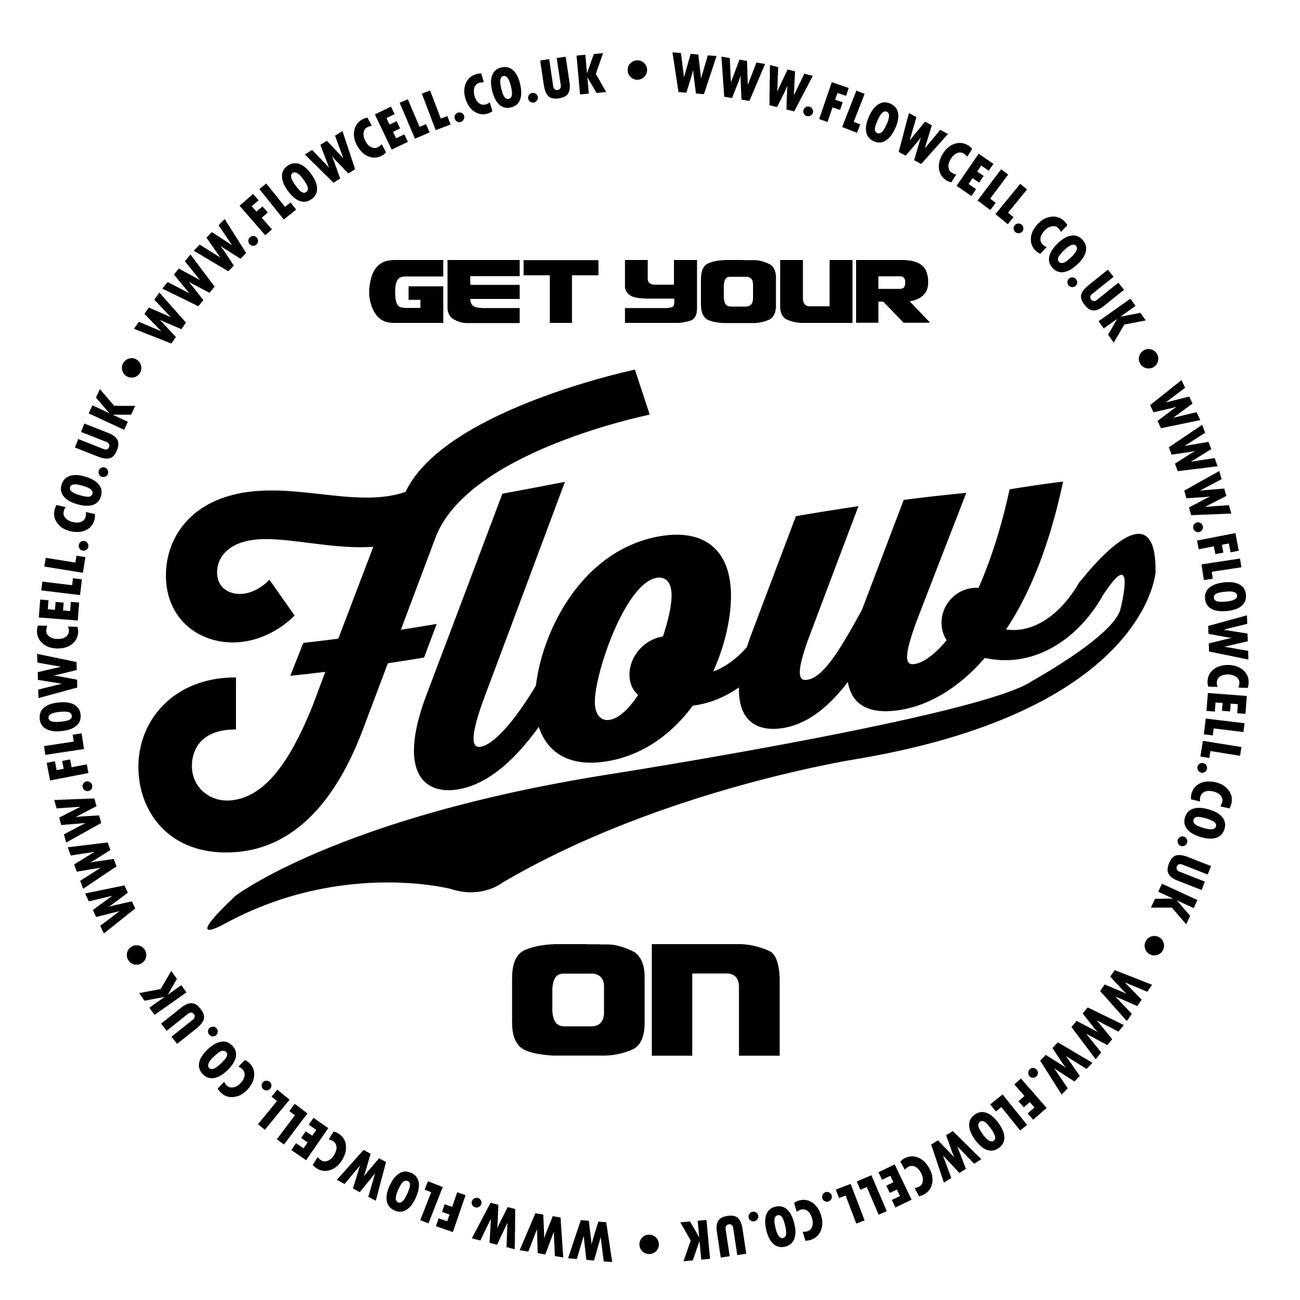 mark@flowcell.co.uk